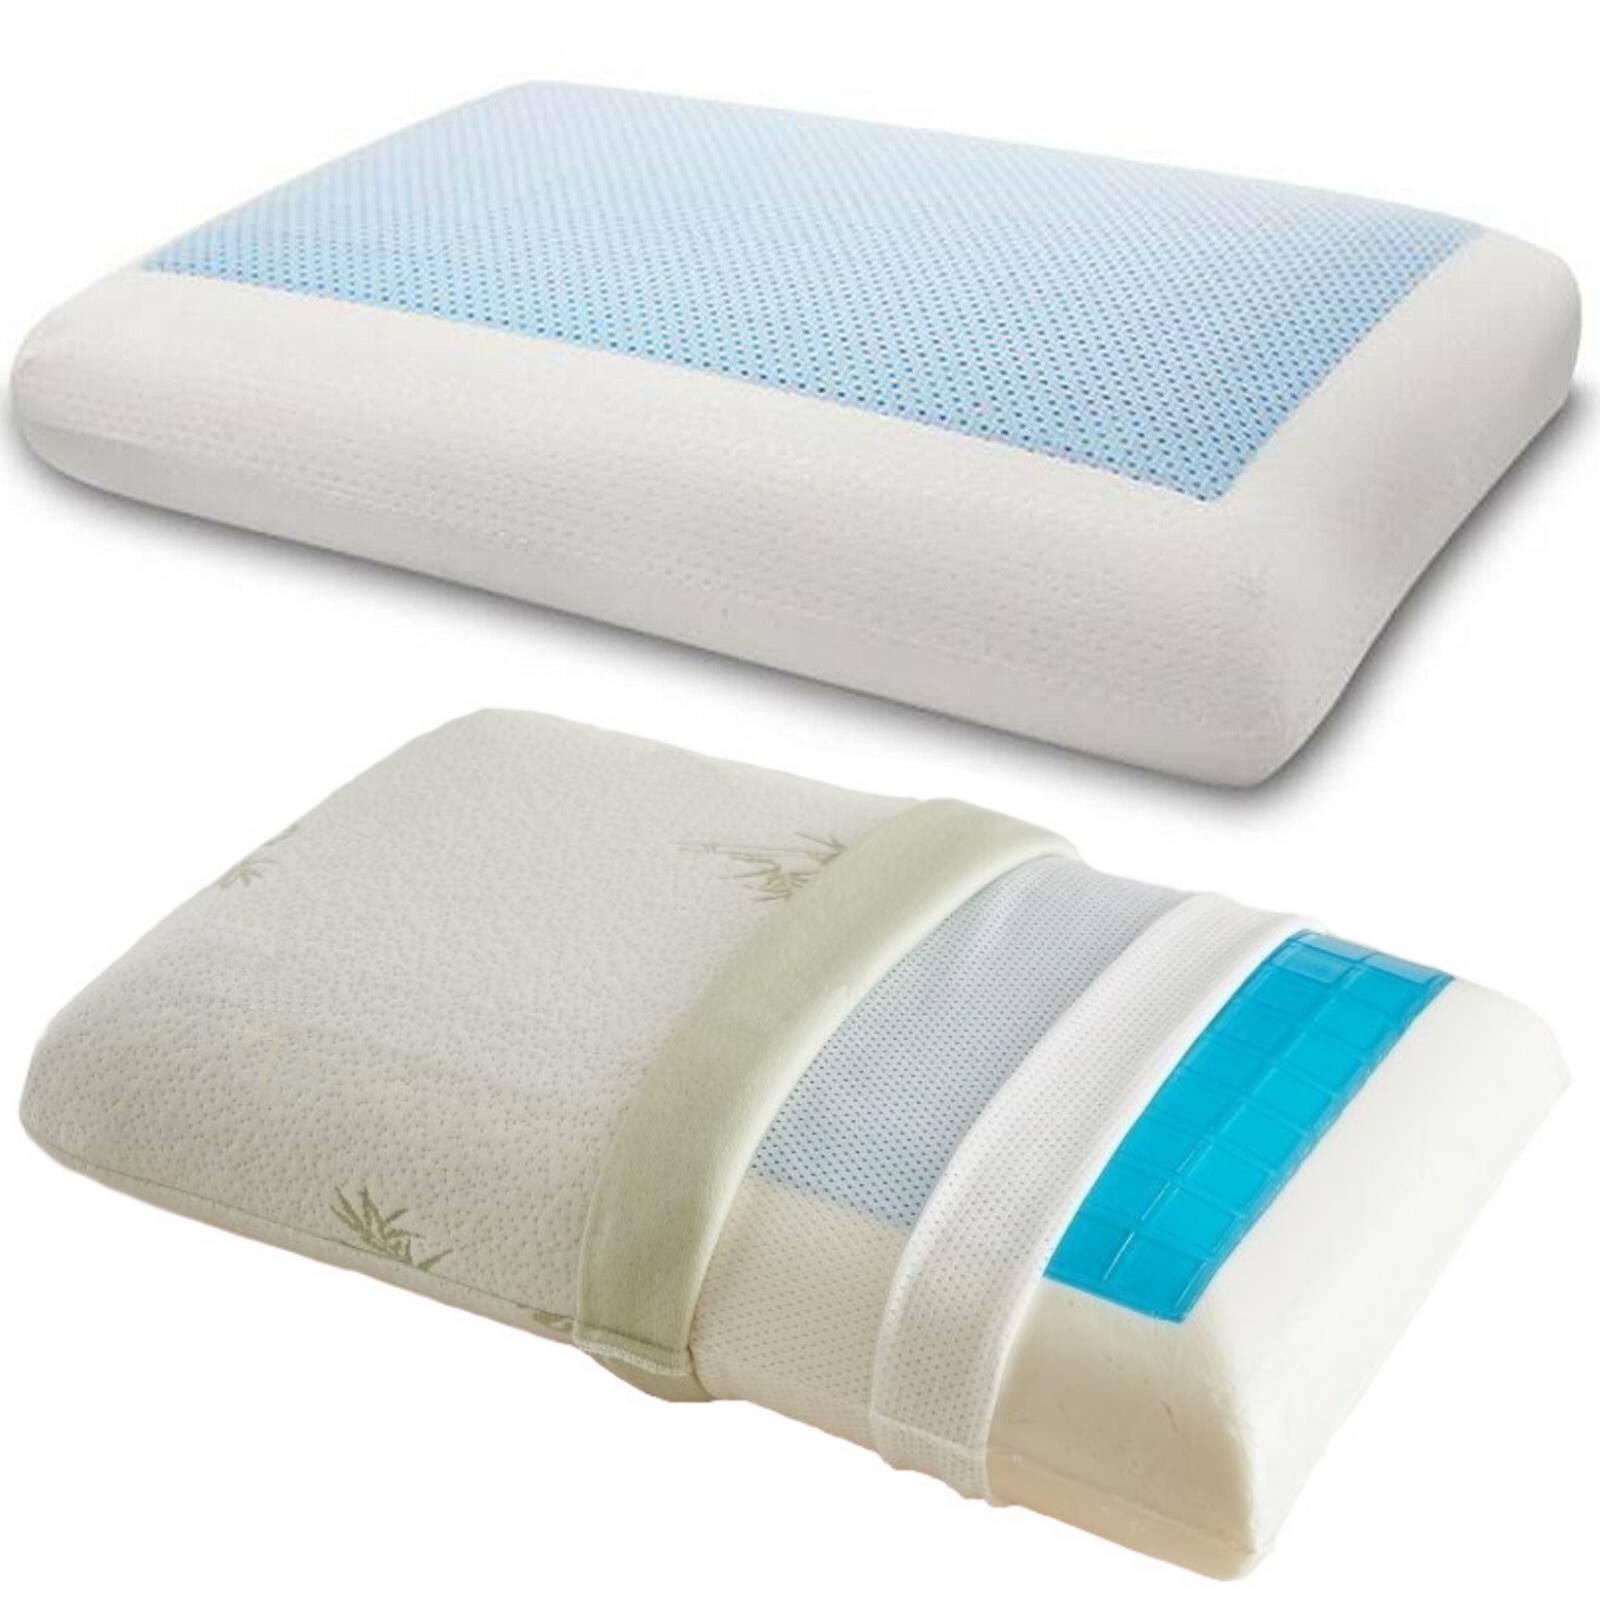 Revêtements de l'oreiller rafraichissant à mémoire de forme